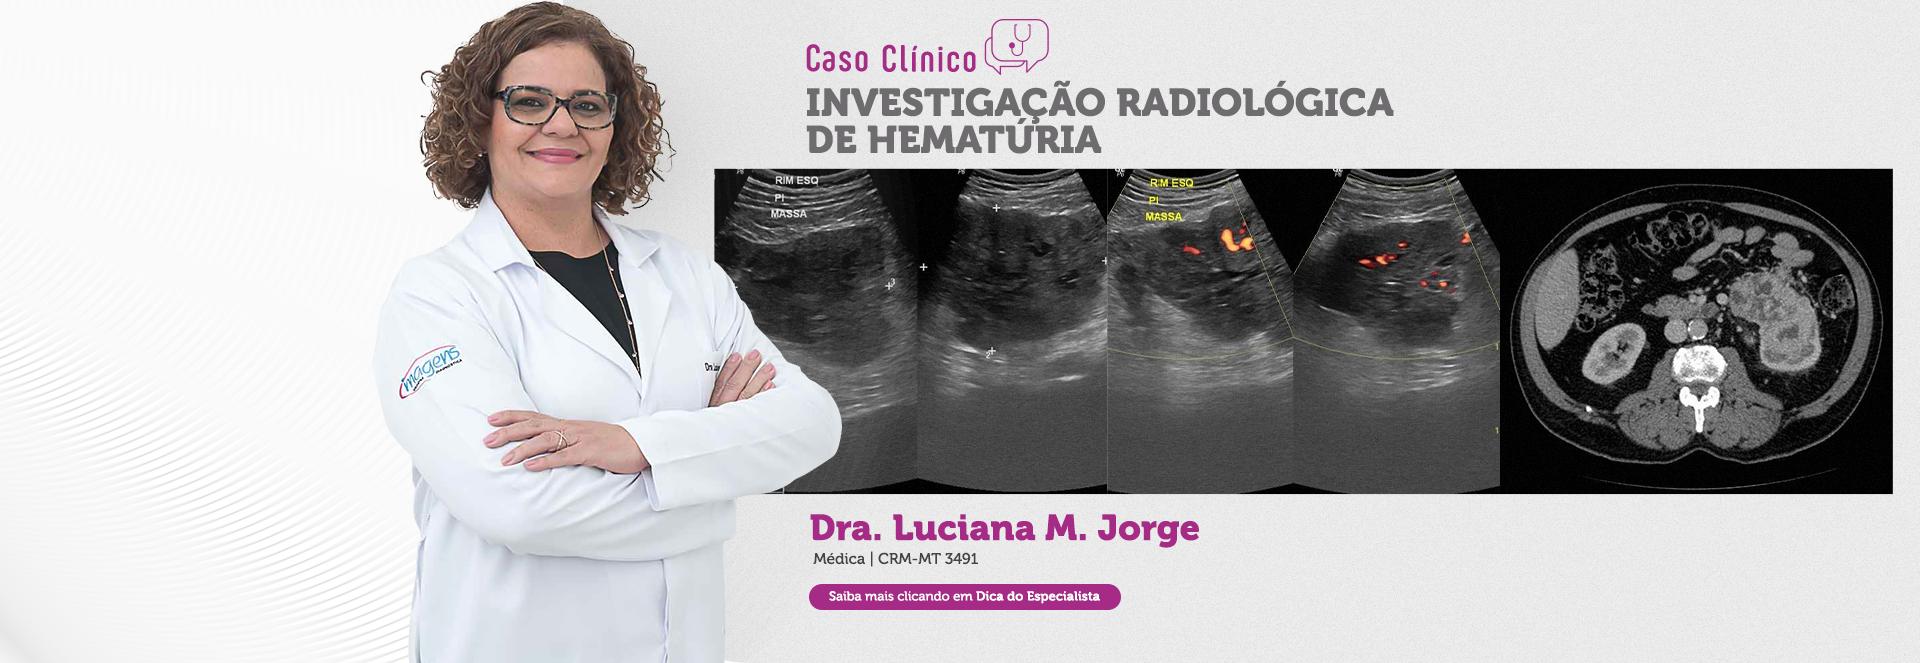 Investigação radiológica de hematúria